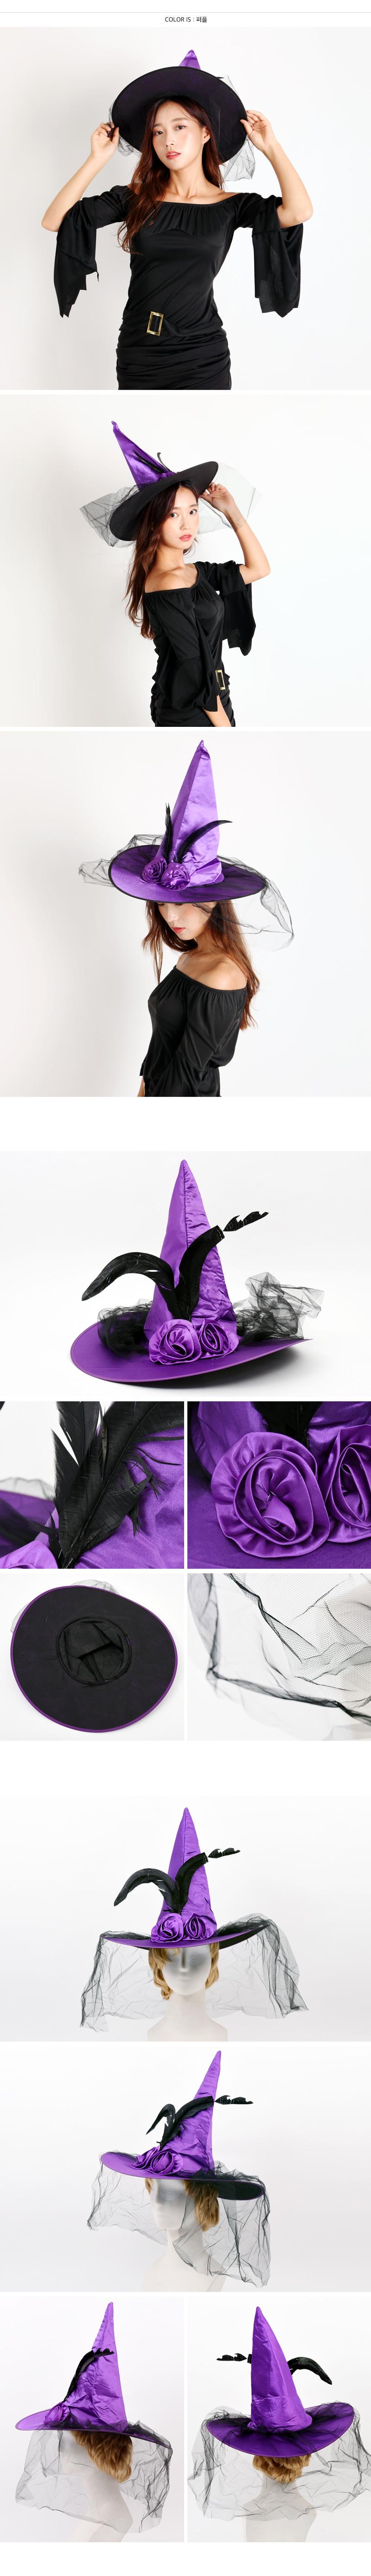 럭셔리마녀모자 블랙 - 파티해, 6,000원, 파티의상/잡화, 모자/고깔